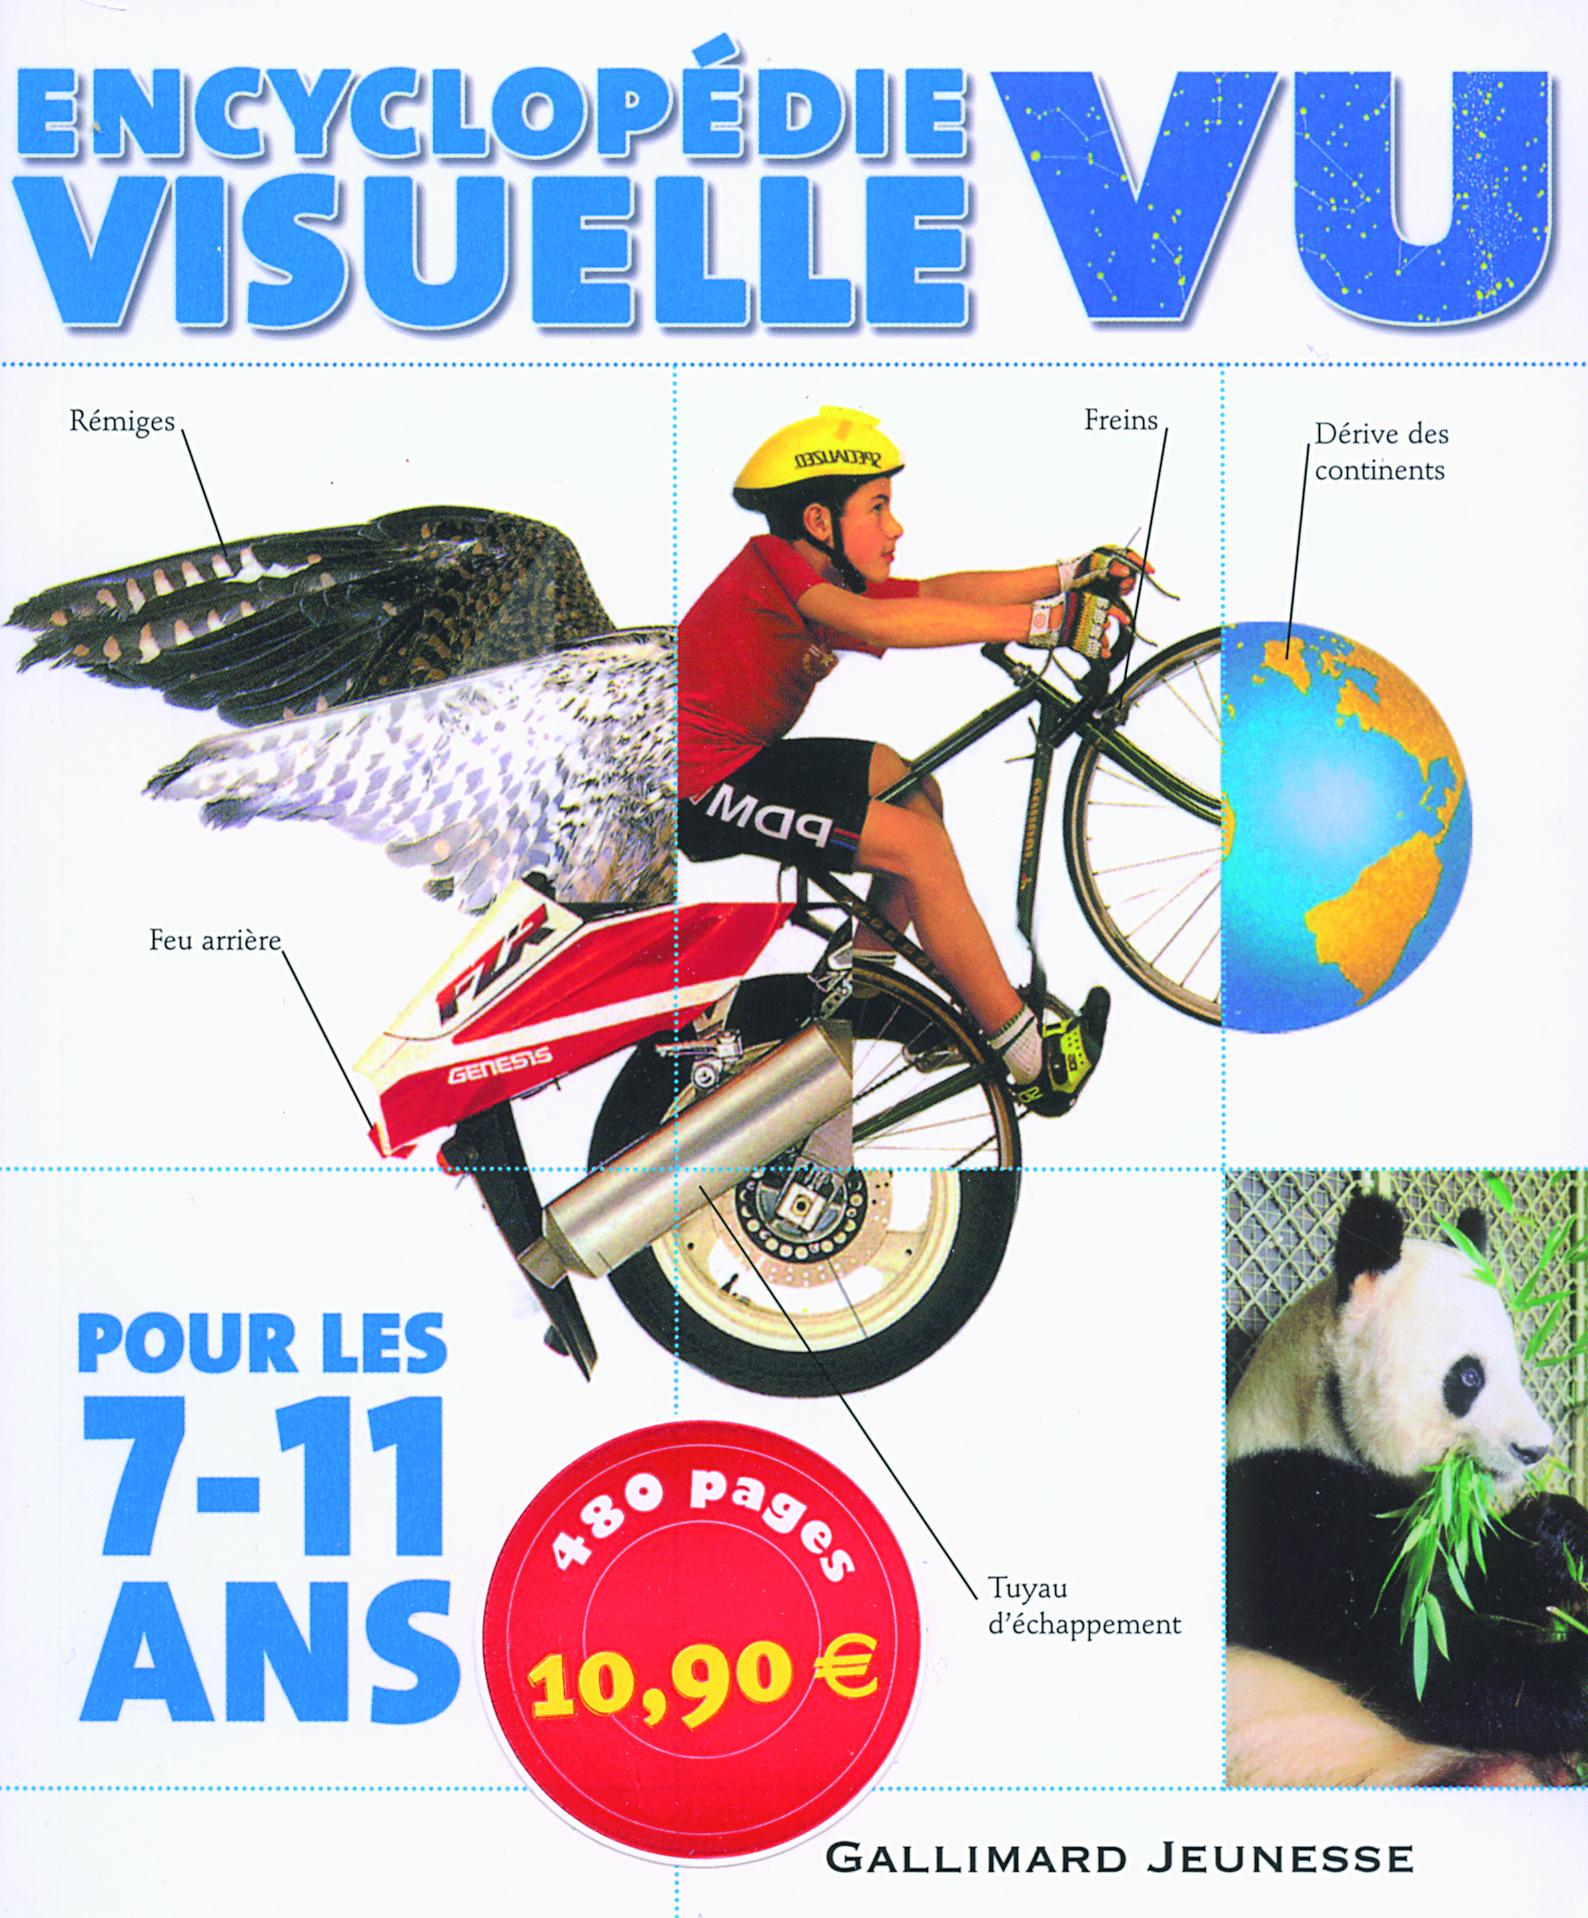 encyclopedie visuelle vu 7-11 ans